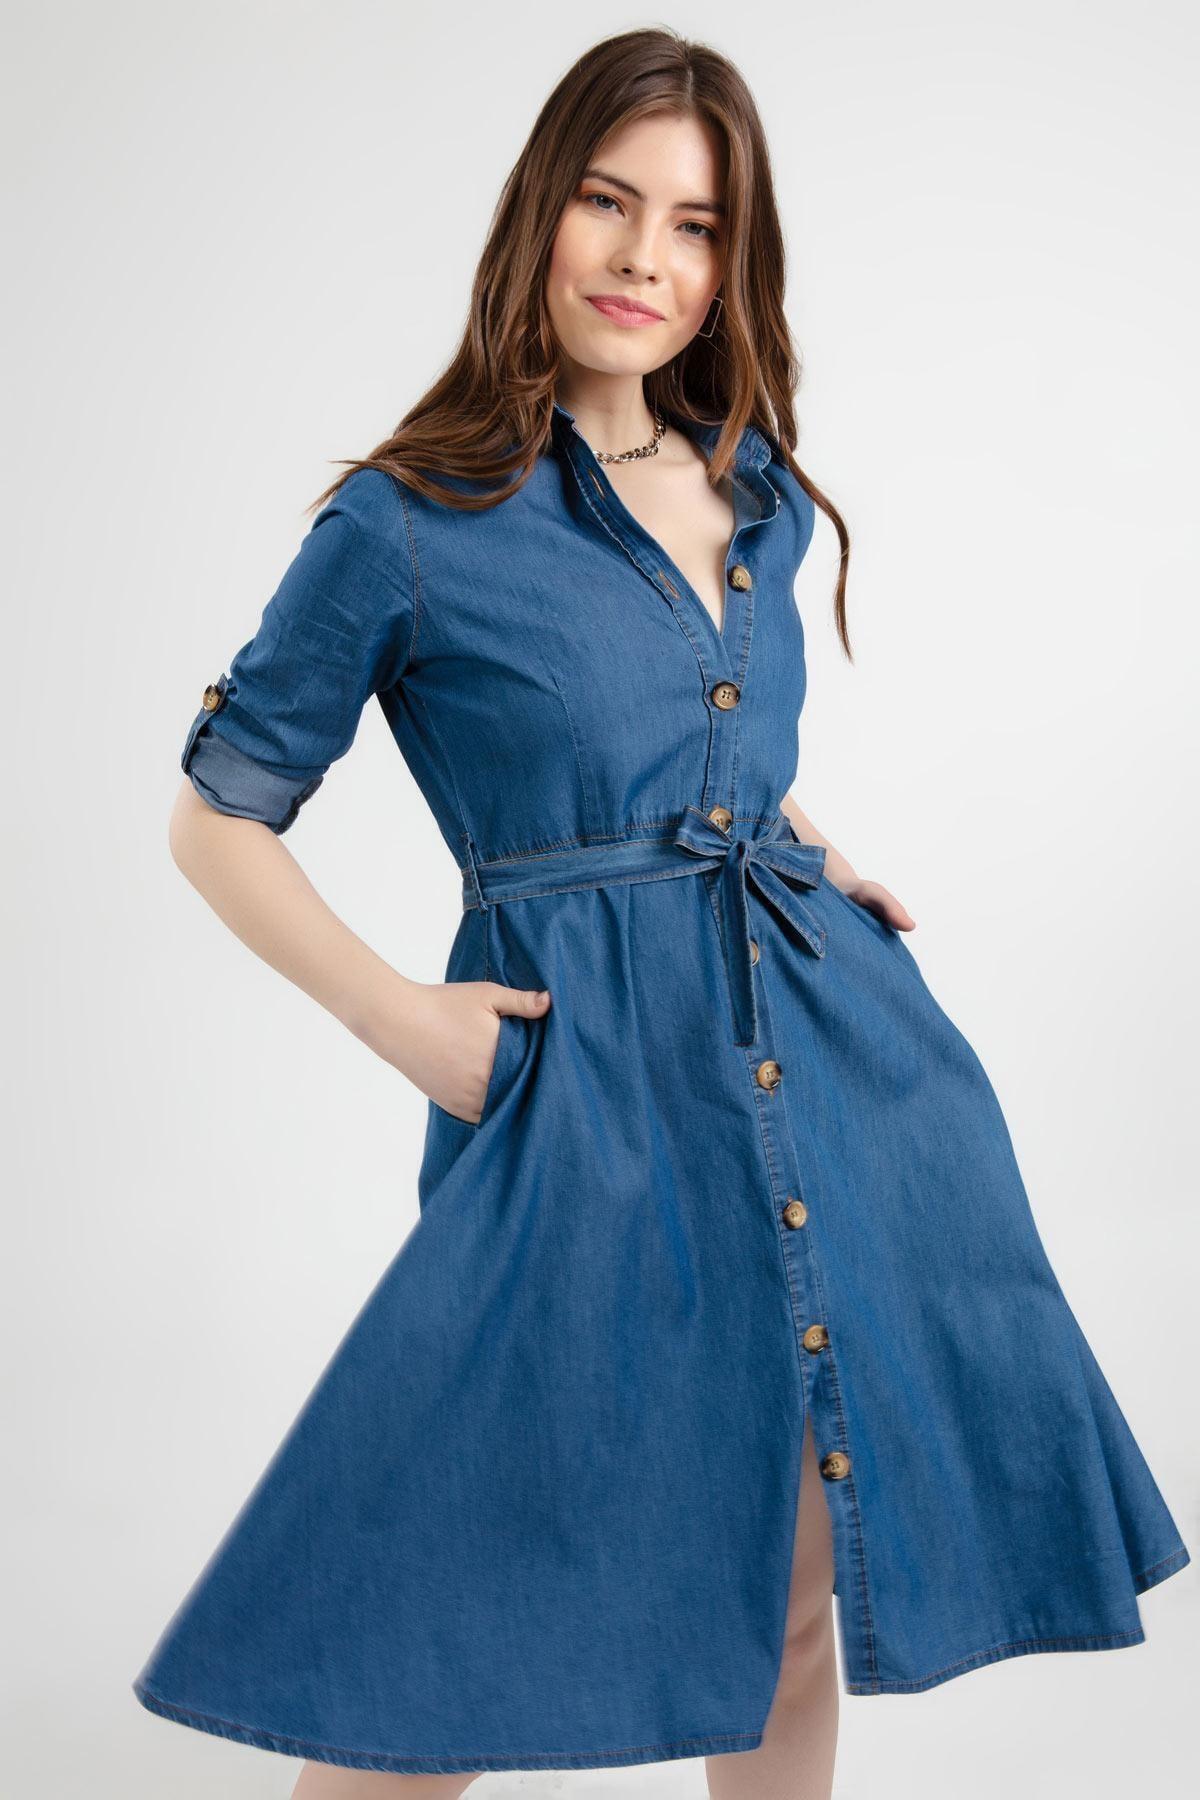 Pattaya Kadın Mavi Kuşaklı Uzun Kollu Kot Gömlek Elbise Y20s110-1924 2